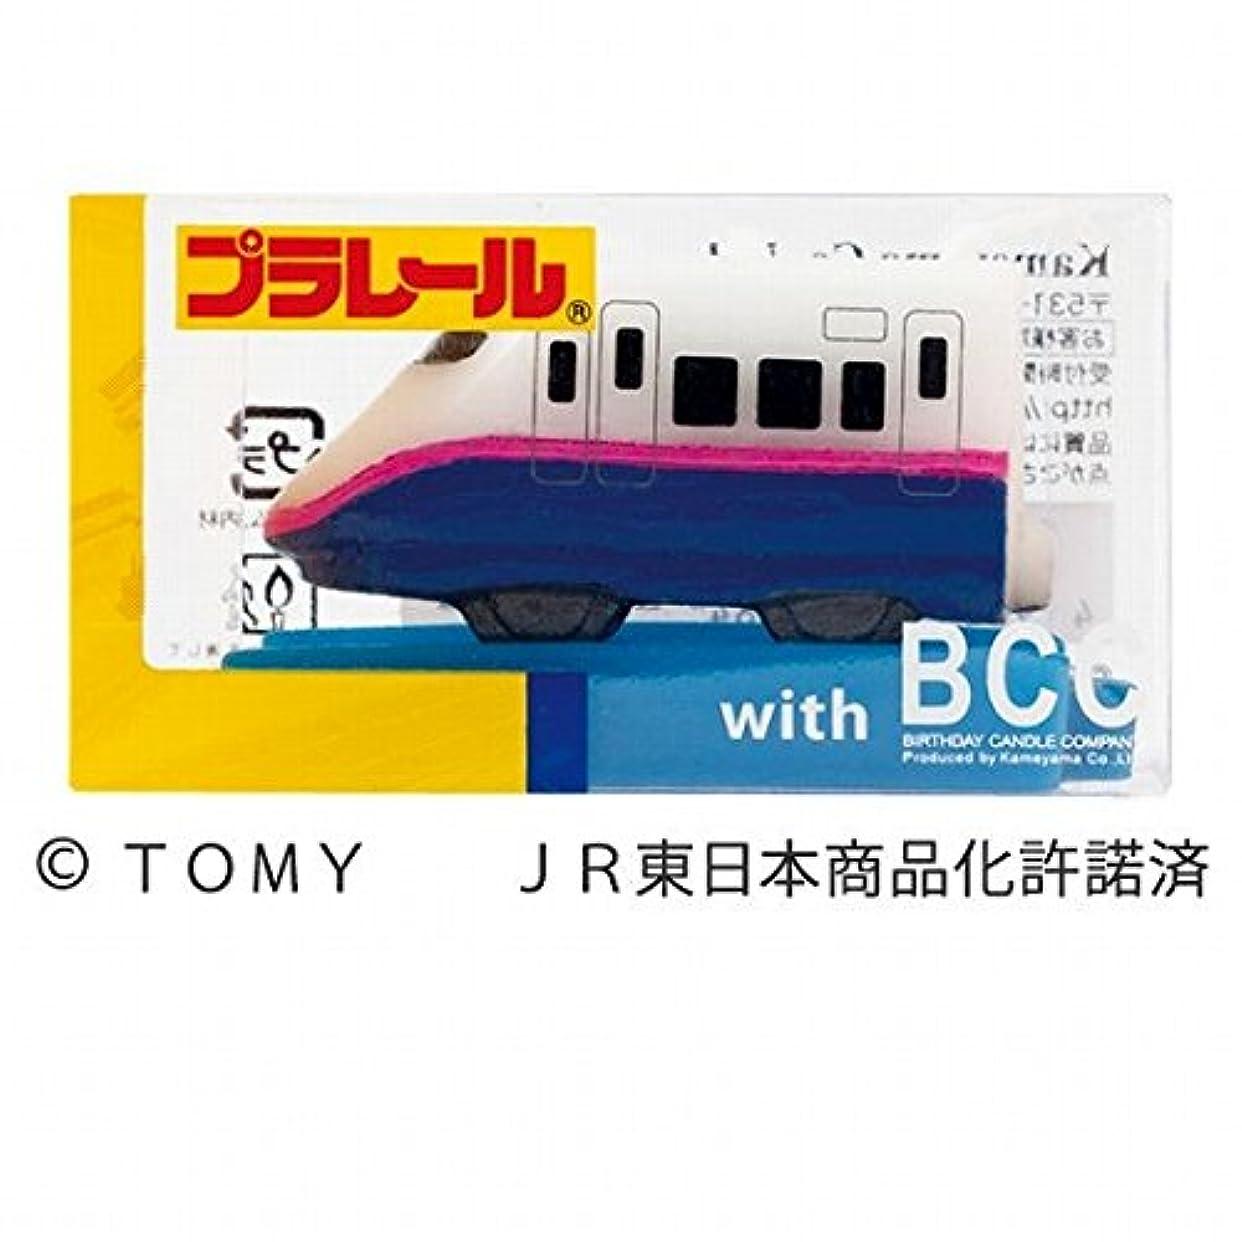 ヒューマニスティックジョットディボンドンキャストカメヤマキャンドル( kameyama candle ) プラレールキャンドルE2系新幹線